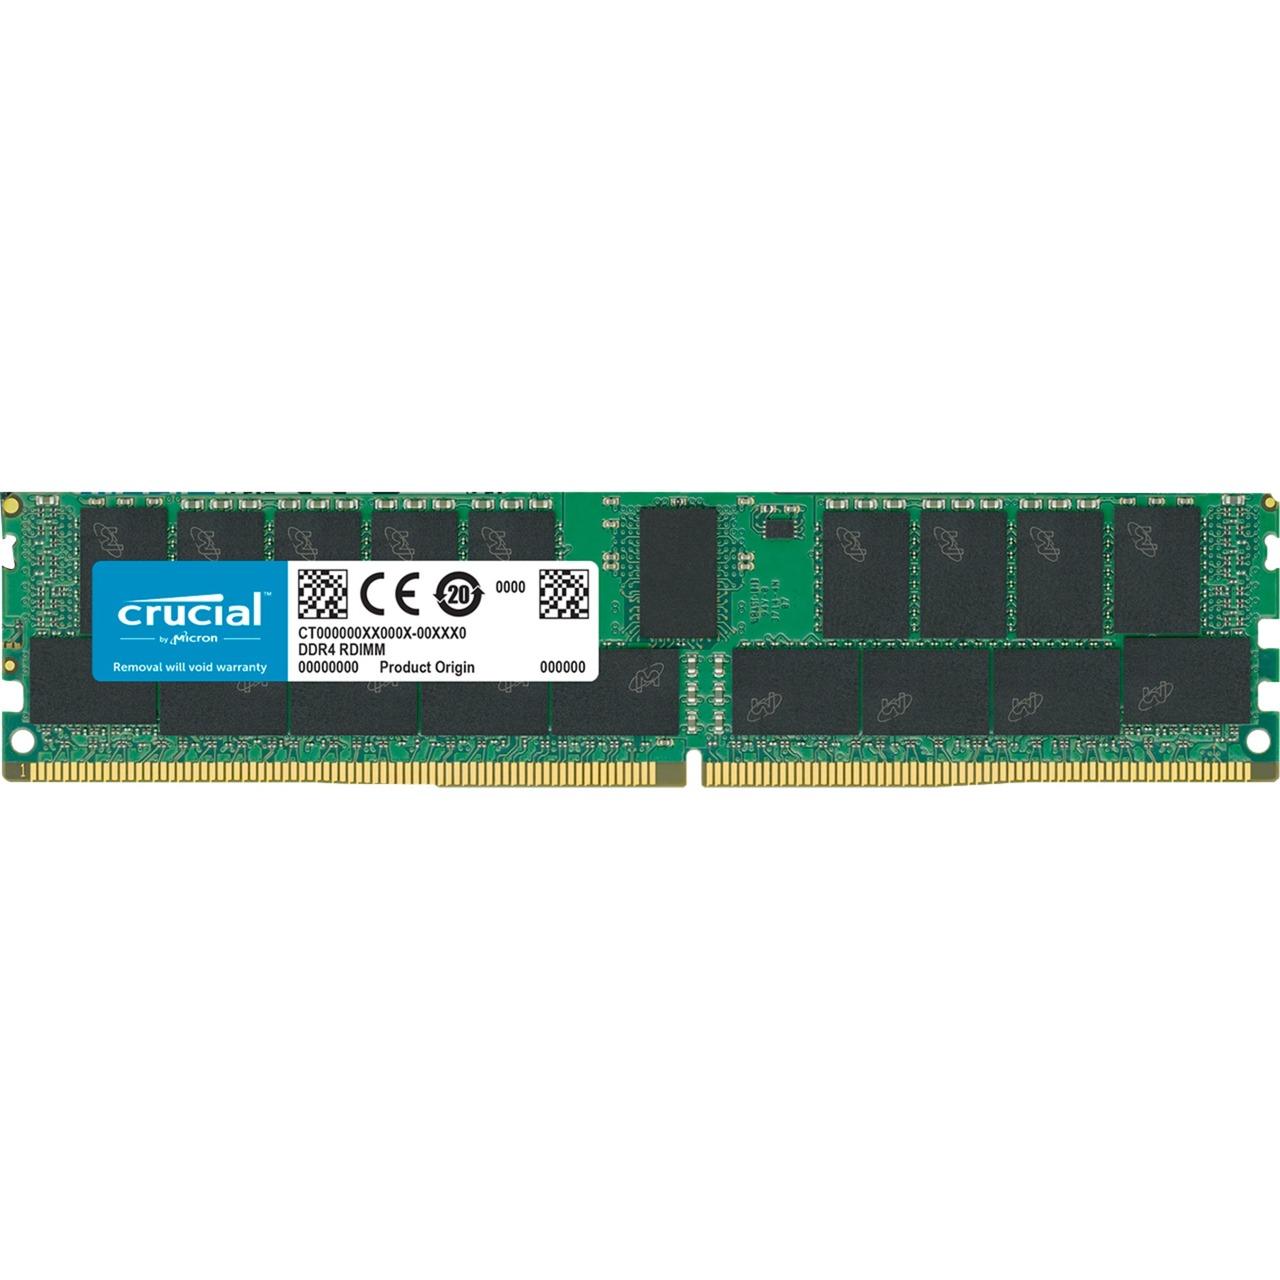 32GB DDR4-2666 RDIMM 32Go DDR4 2666MHz ECC module de mémoire